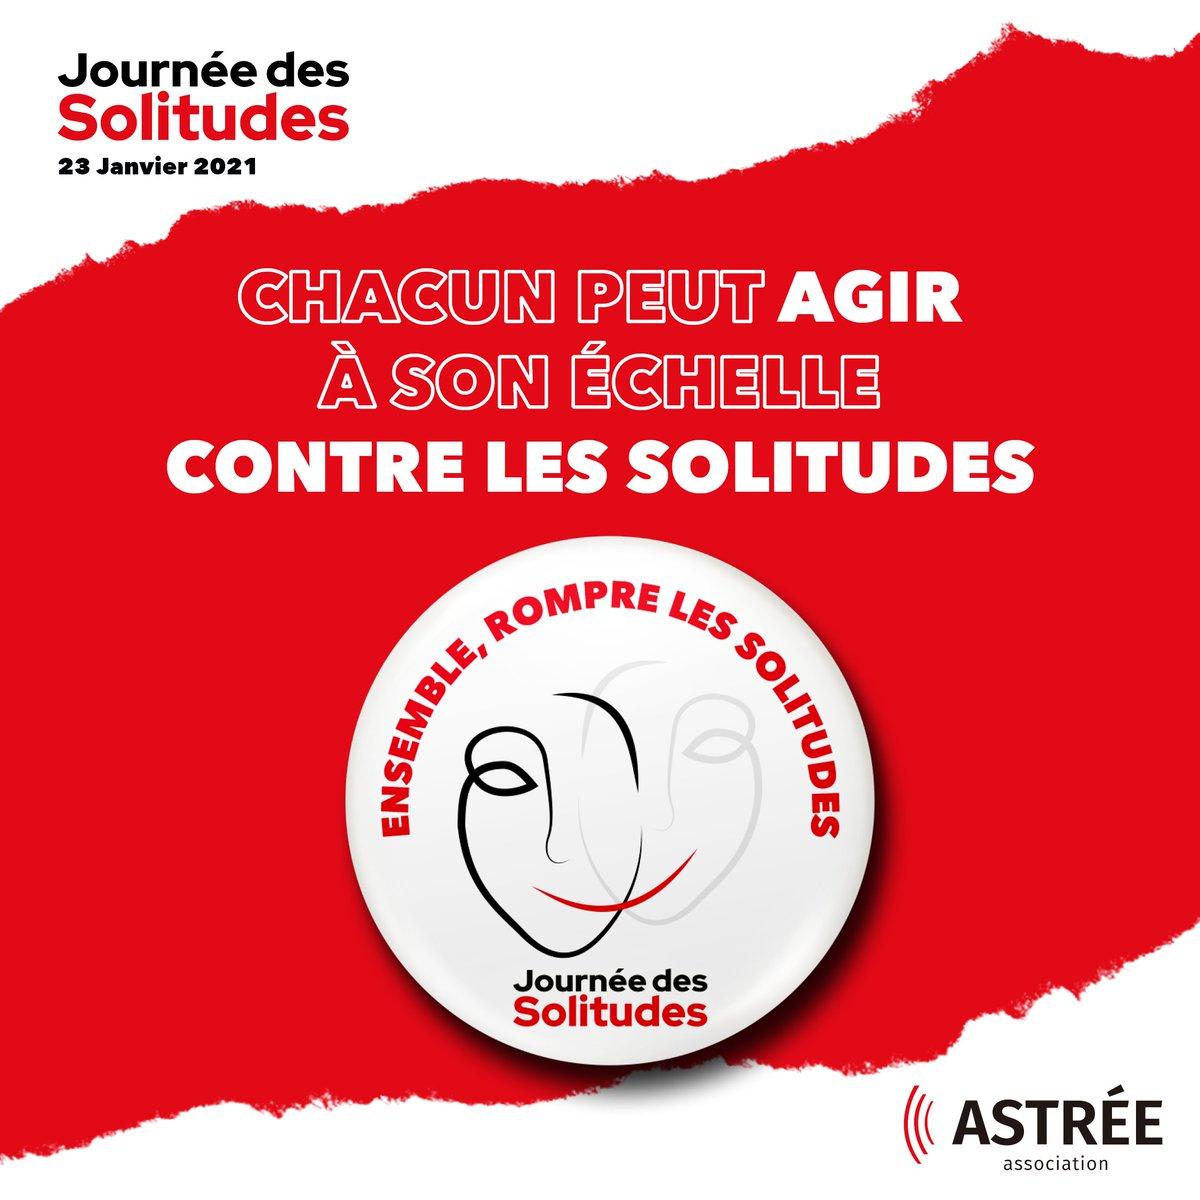 💔💪Nous nous mobilisons avec l'@asso_astree  pour lutter contre la solitude qui affecte de plus en plus de Français !  #JourneeDesSolitudes https://t.co/0sSSLWX8Vo